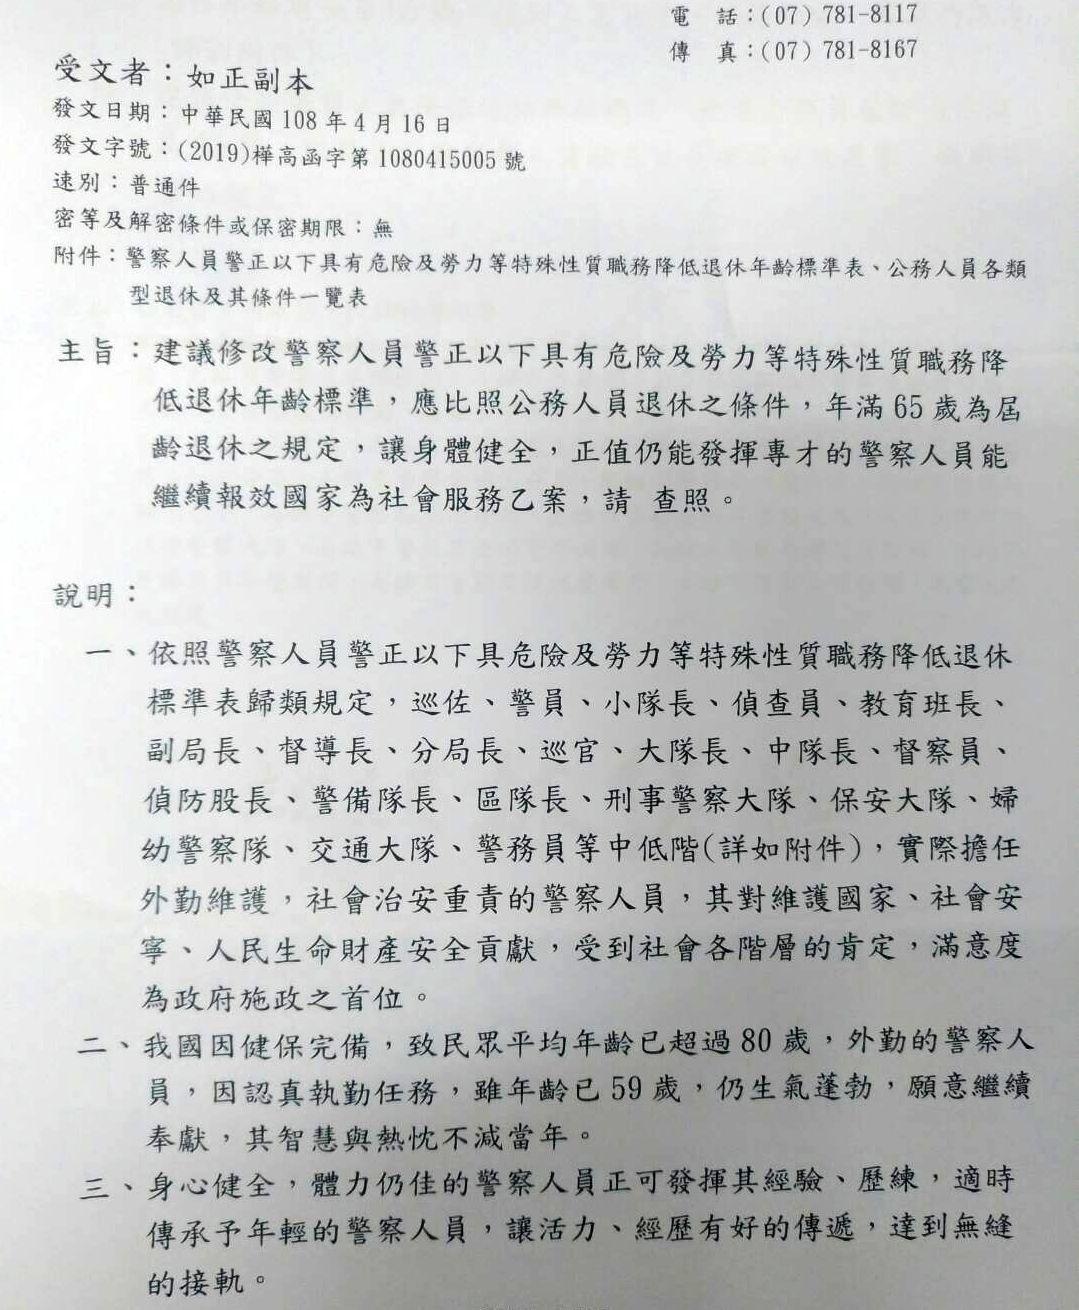 林岱樺行文給警政署及高雄市警局等單位的內容一。圖/讀者提供